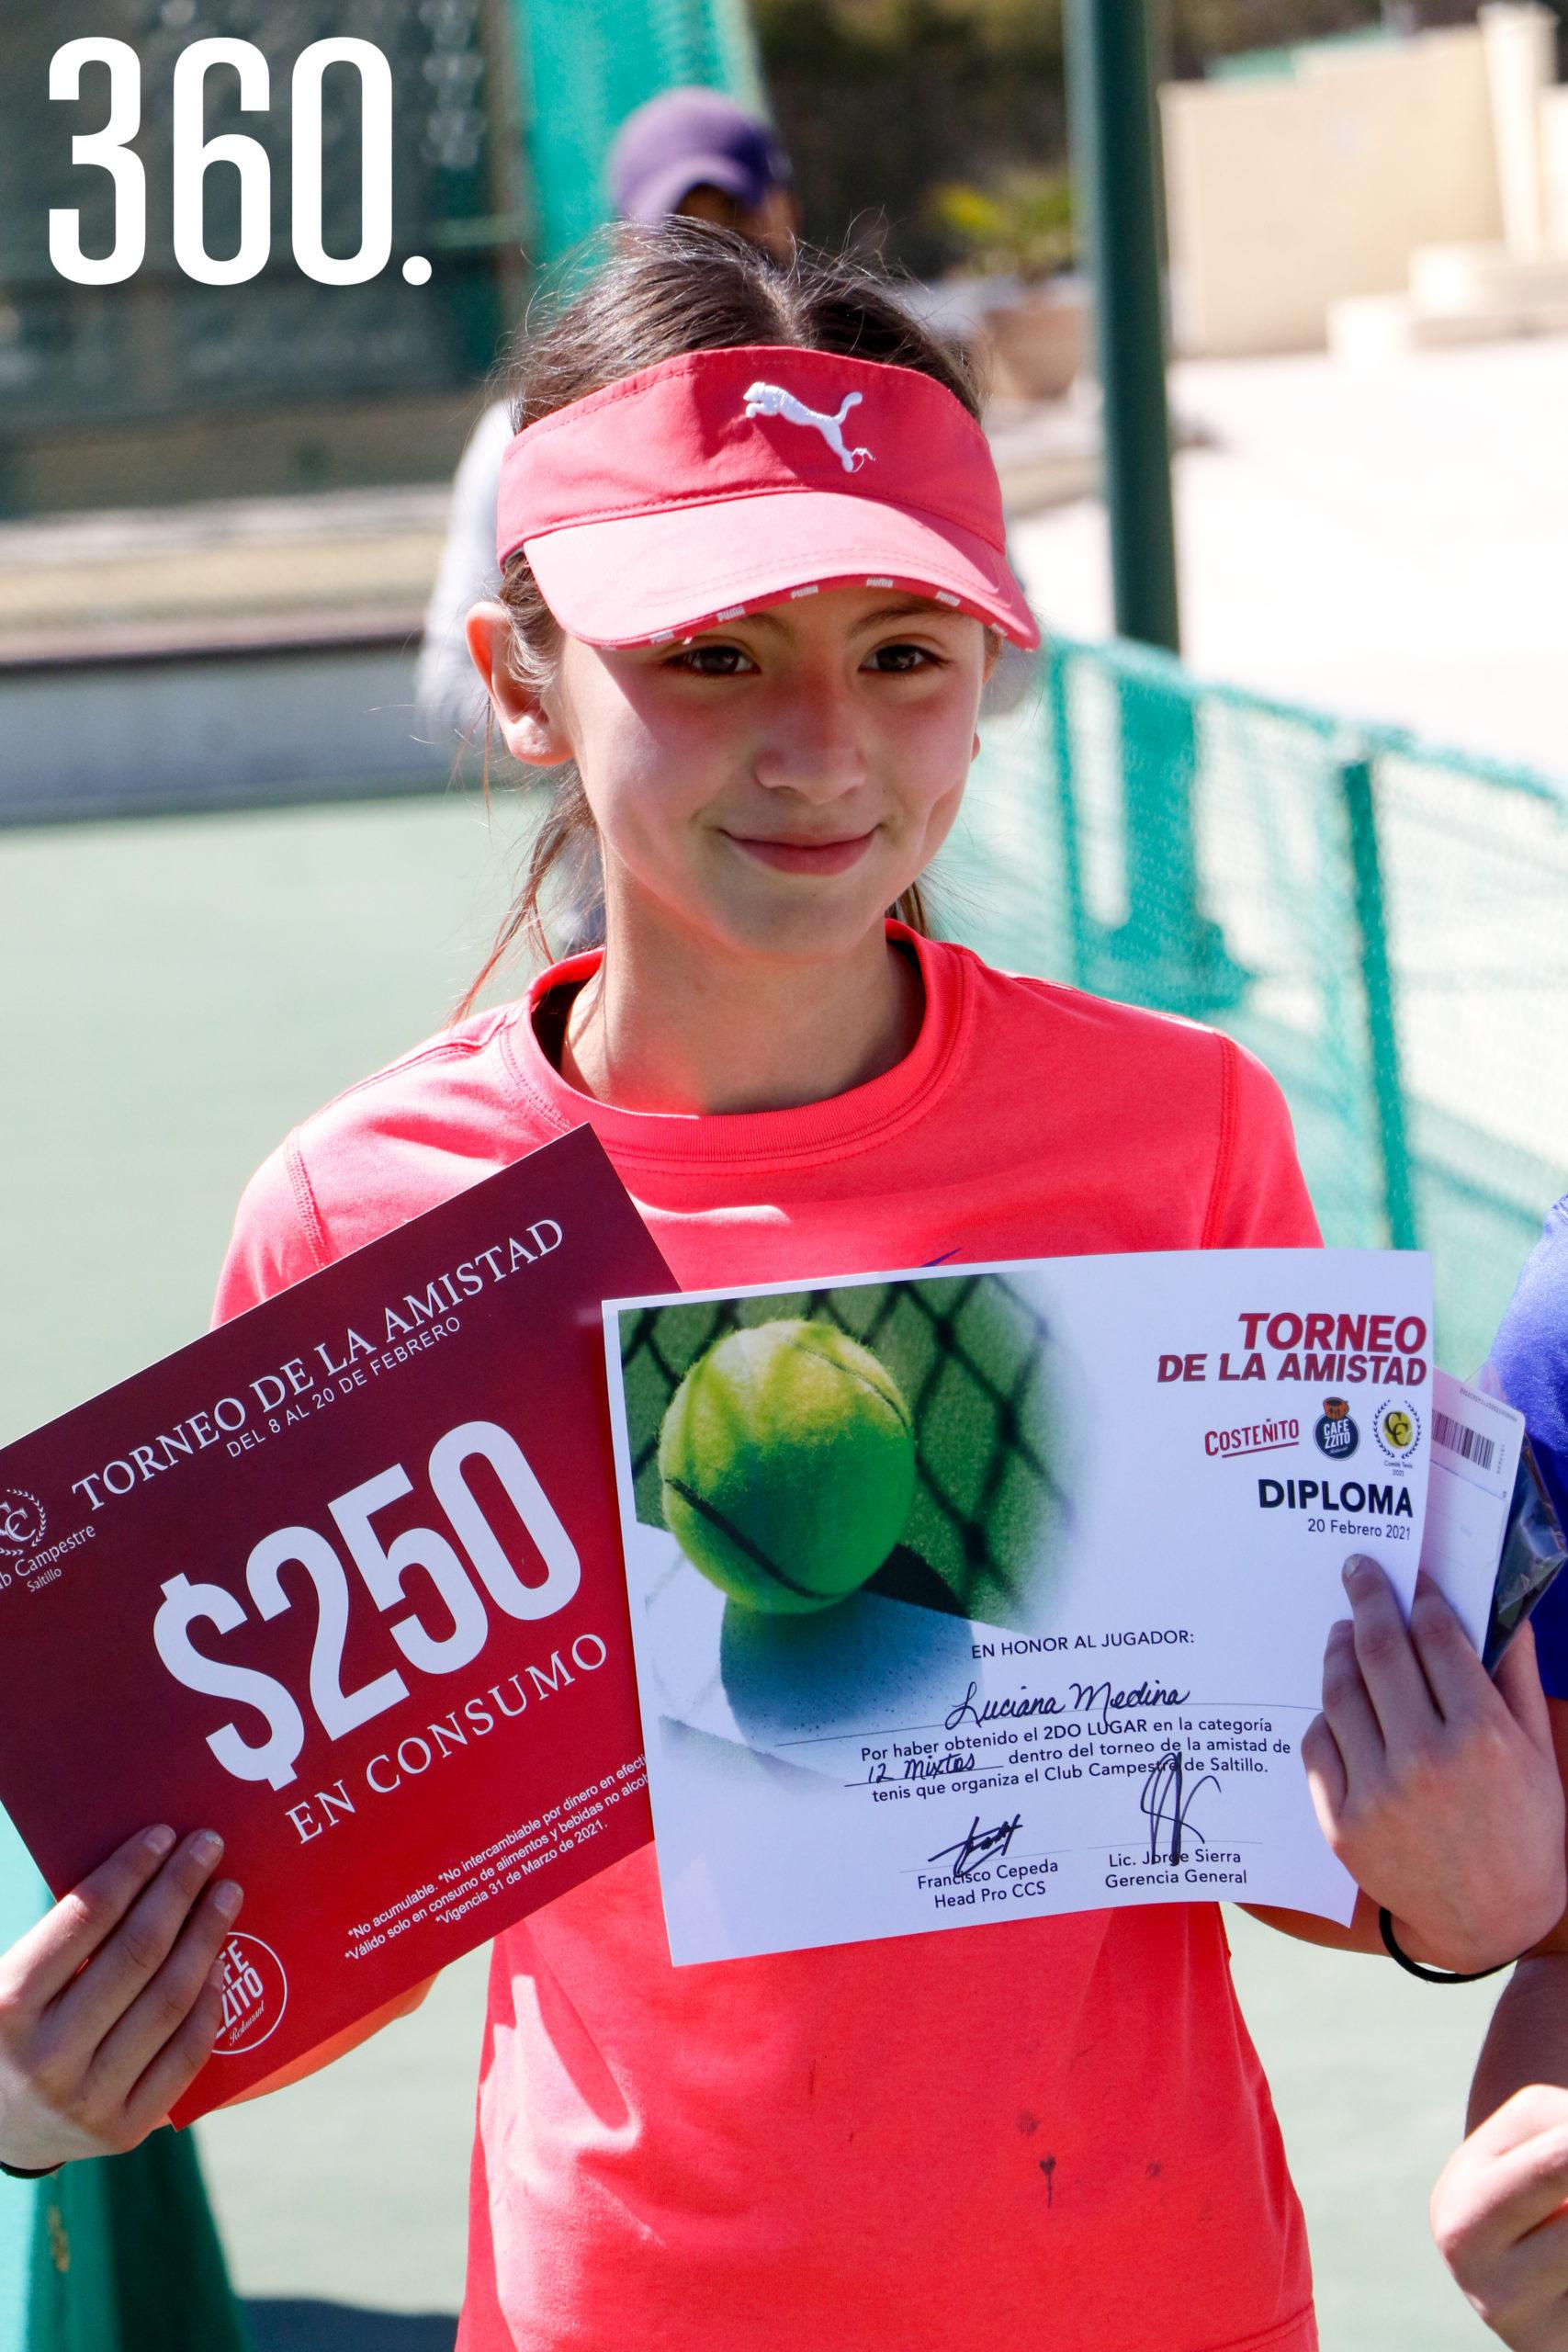 Luciana Medina, finalista de categoría 12 mixtos.